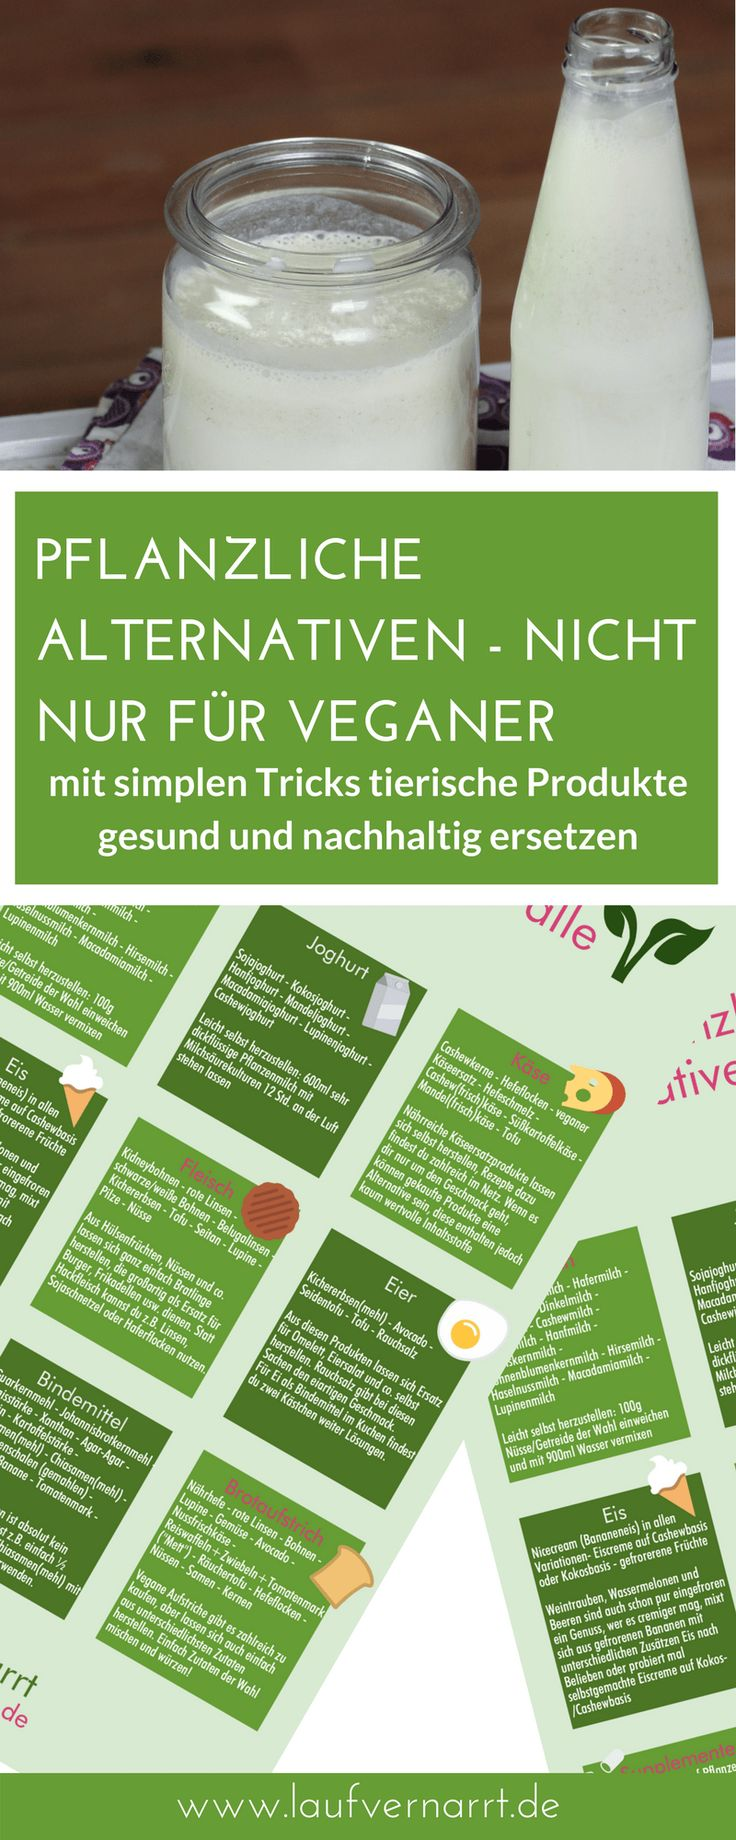 Pflanzliche Alternativen – nicht nur für Veganer – Laufvernarrt – Fitness, gesunde Ernährung und Selbstliebe